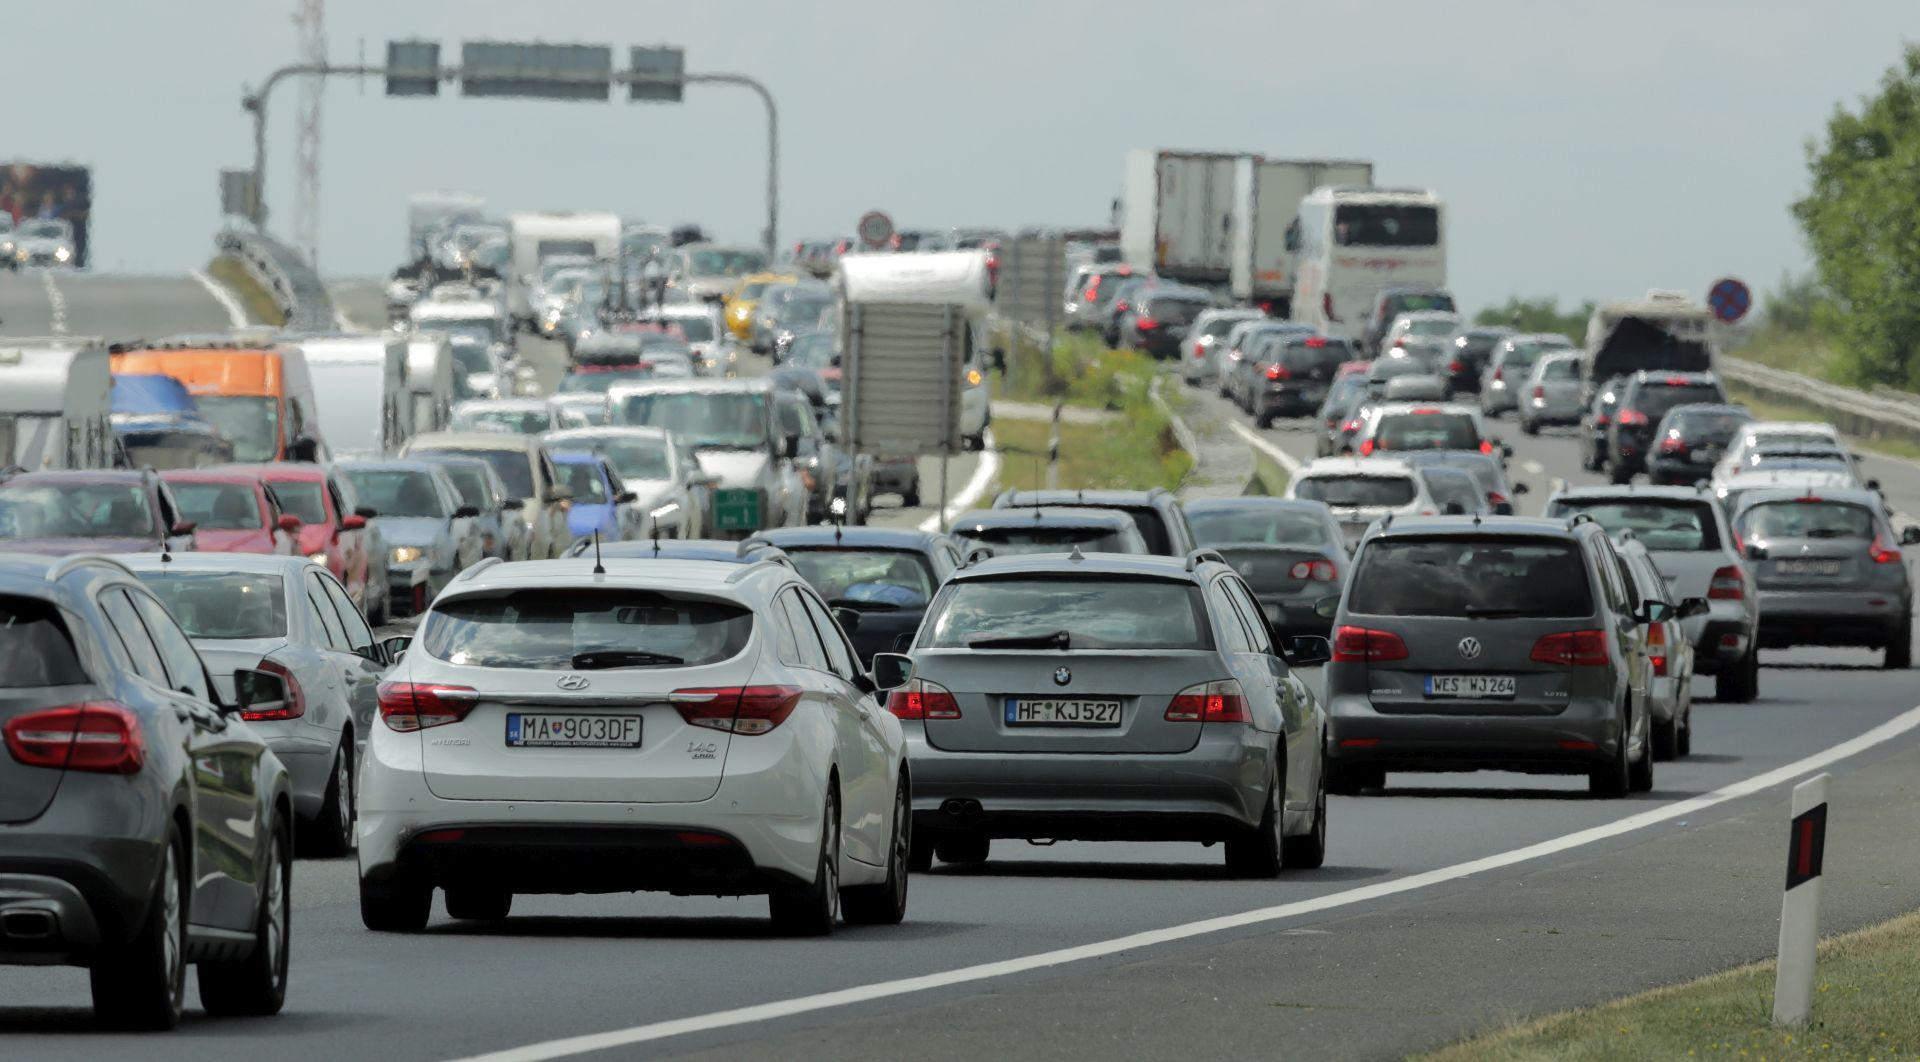 Hrvatske autoceste pozivaju vozače na dodatni oprez